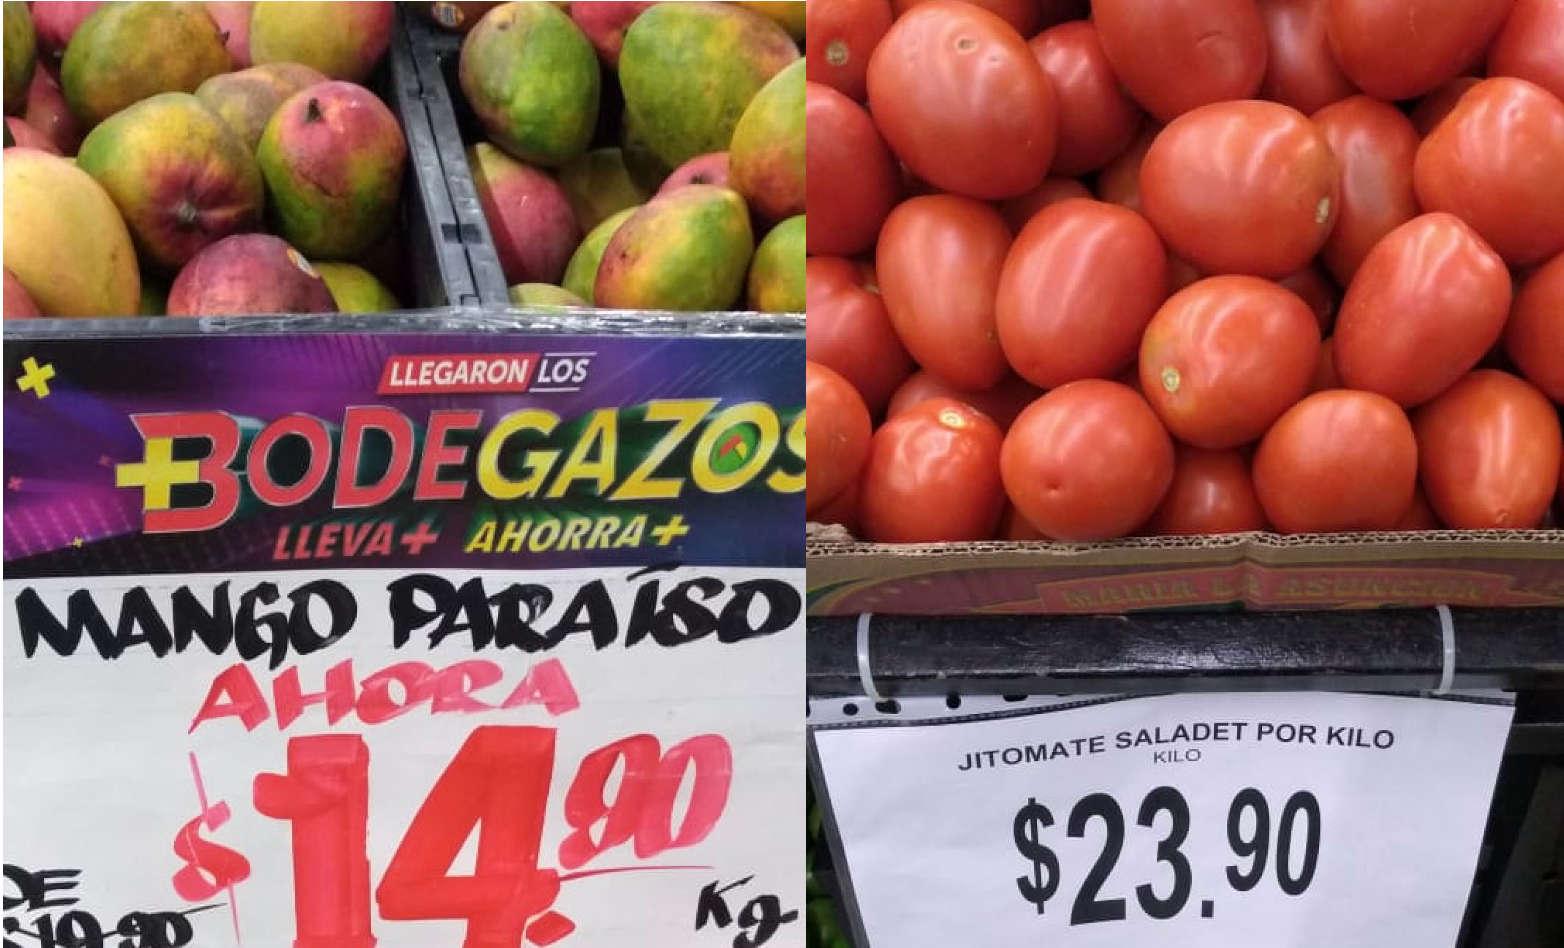 Folleto Bodega Aurrerá frutas y verduras Tianguis de Mamá Lucha al 2 de julio 2020